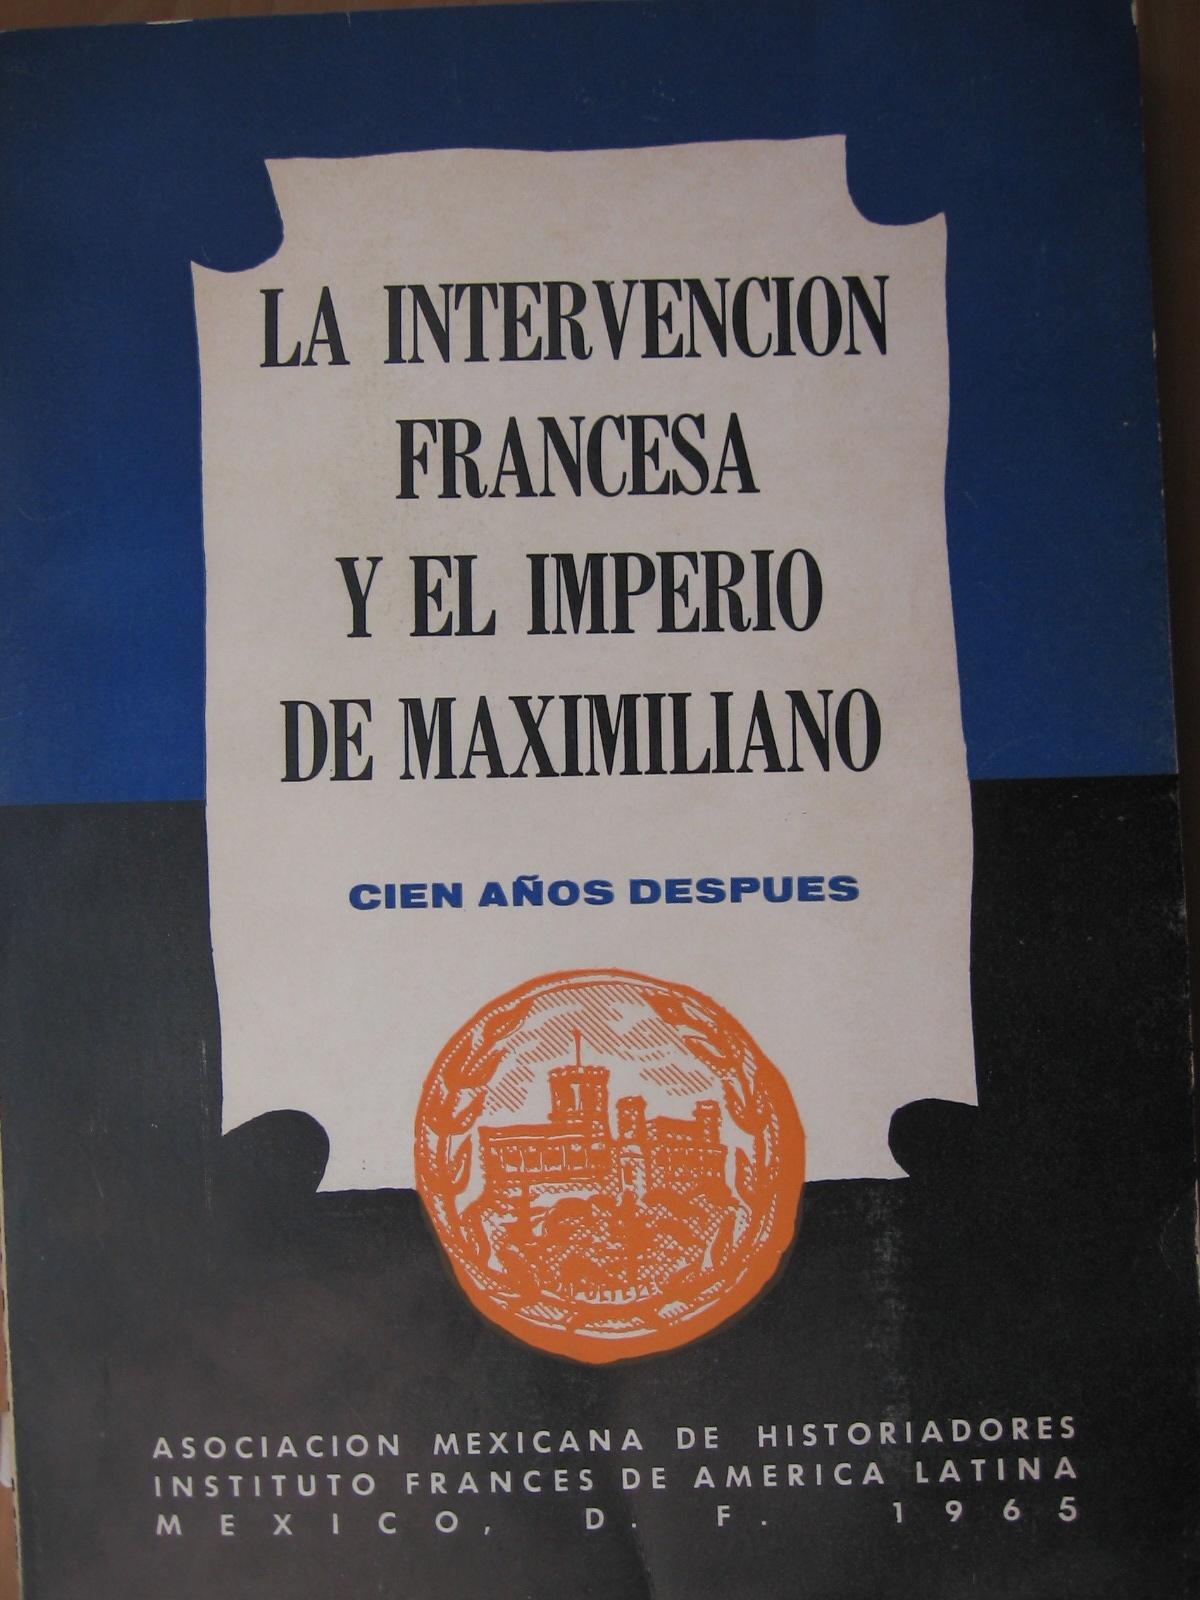 Couverture de l'édition de 1965, dessinée par le peintre Javier Oteyza